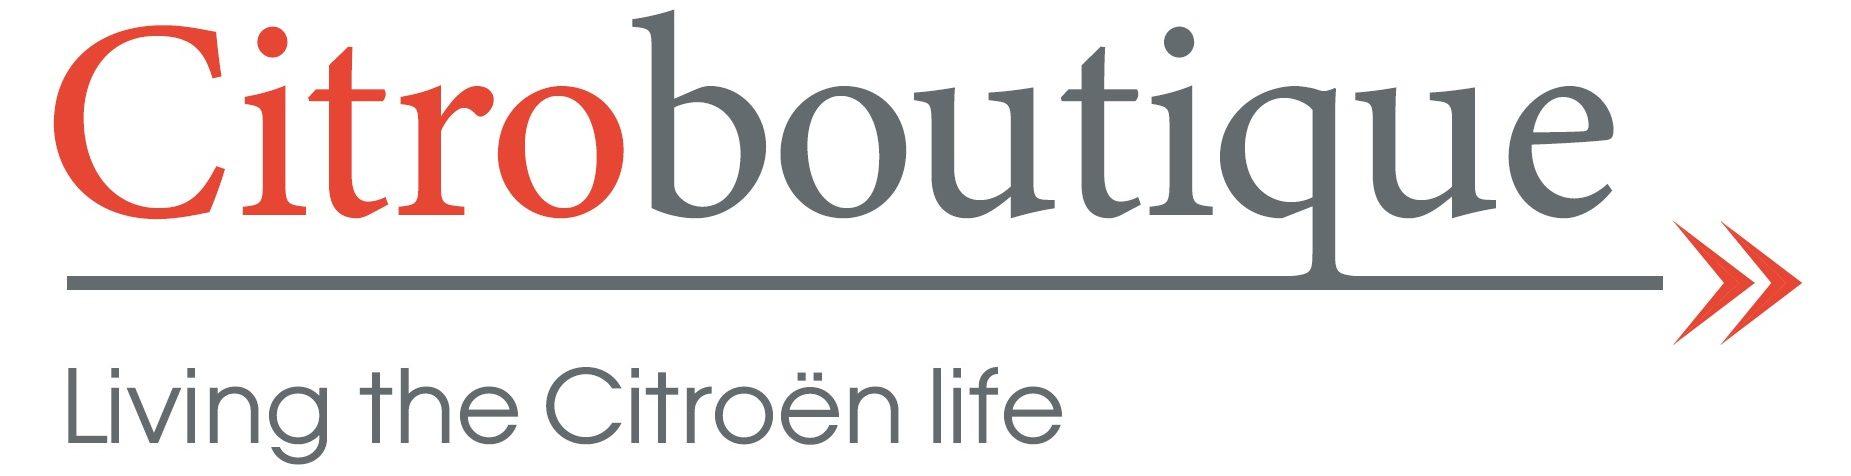 Citroboutique.com